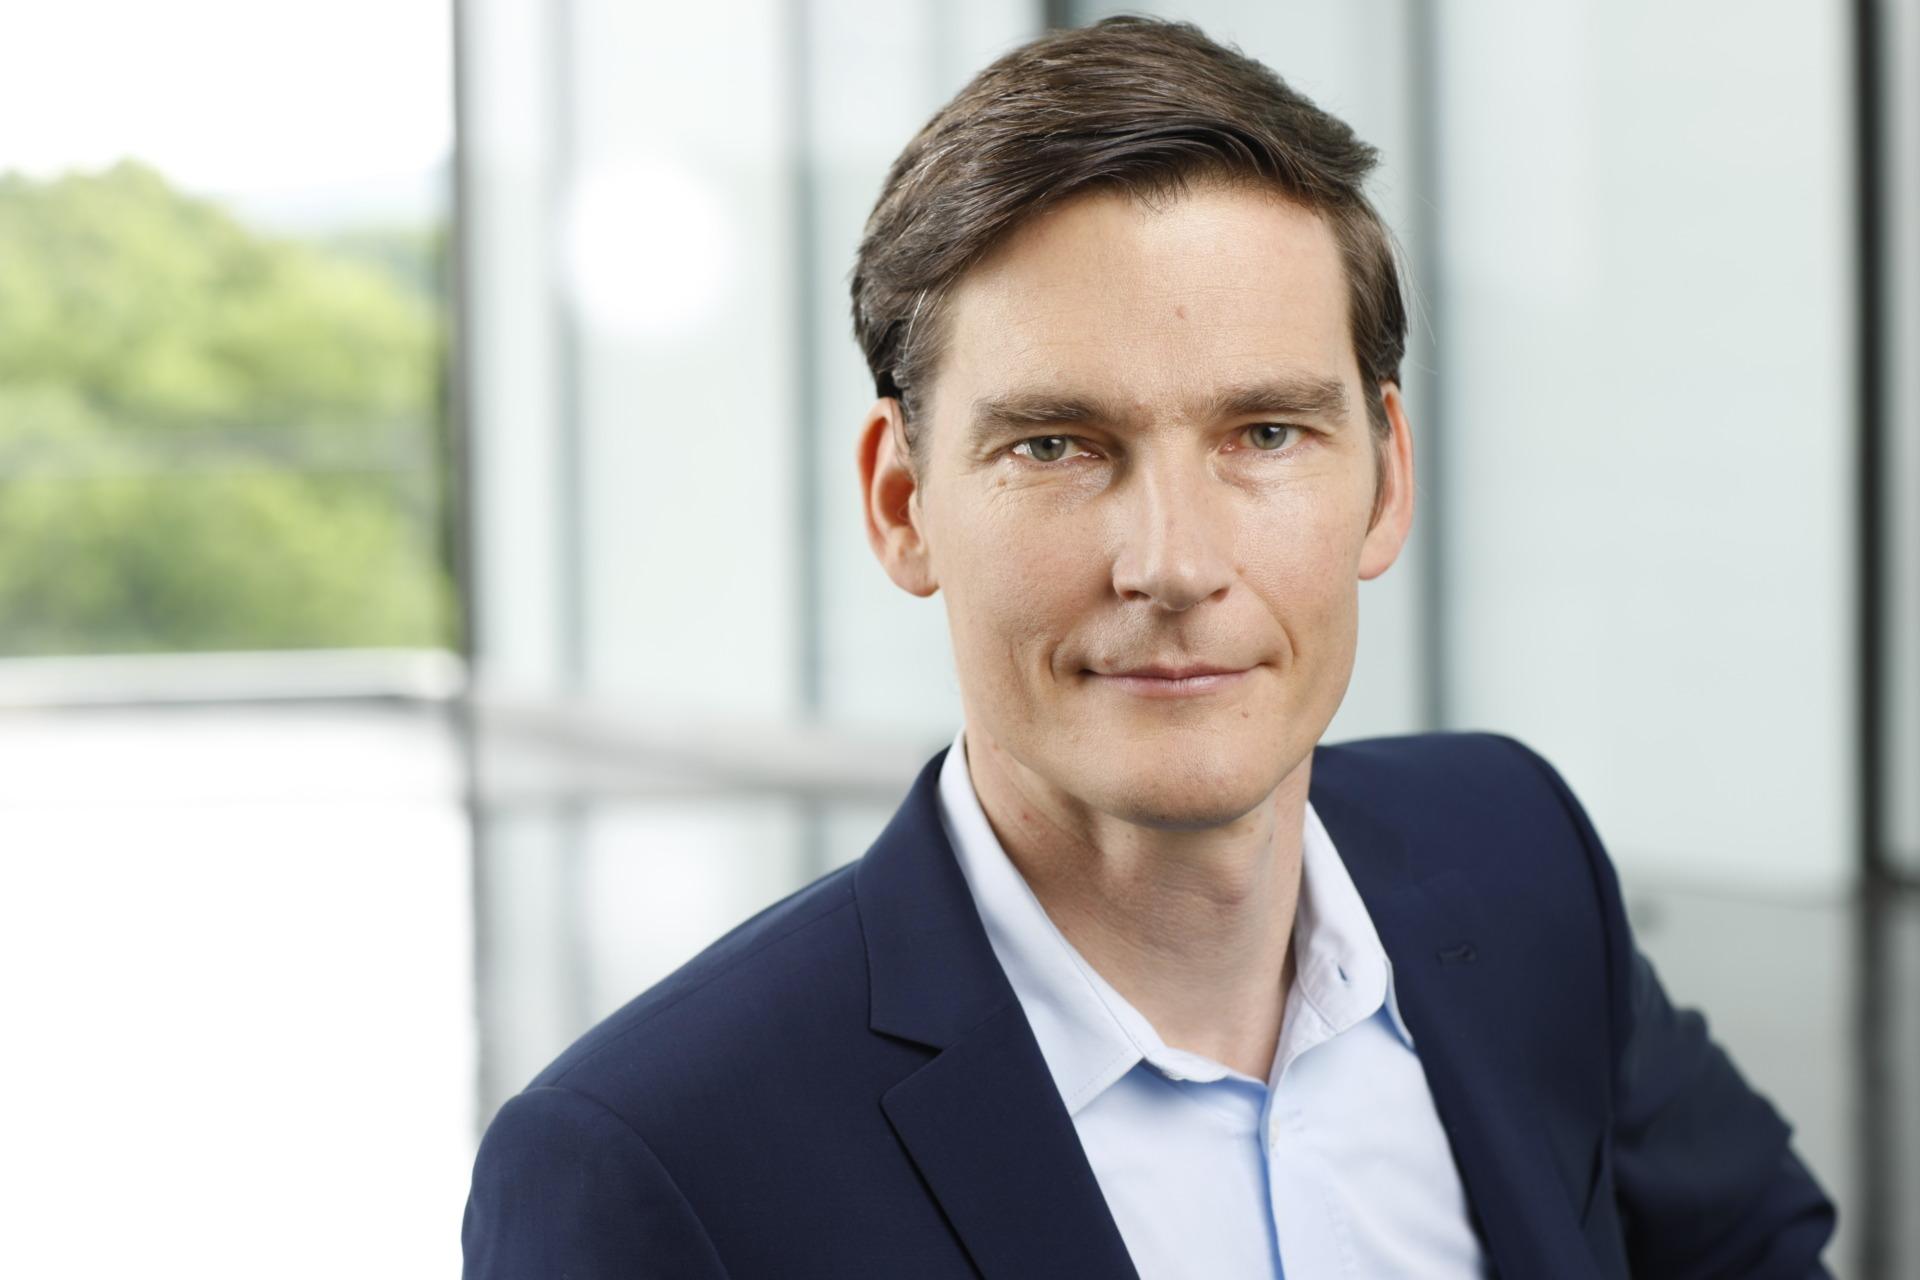 Elektromobilität Deutschland als Lösung - Prof Achim Kampker #641